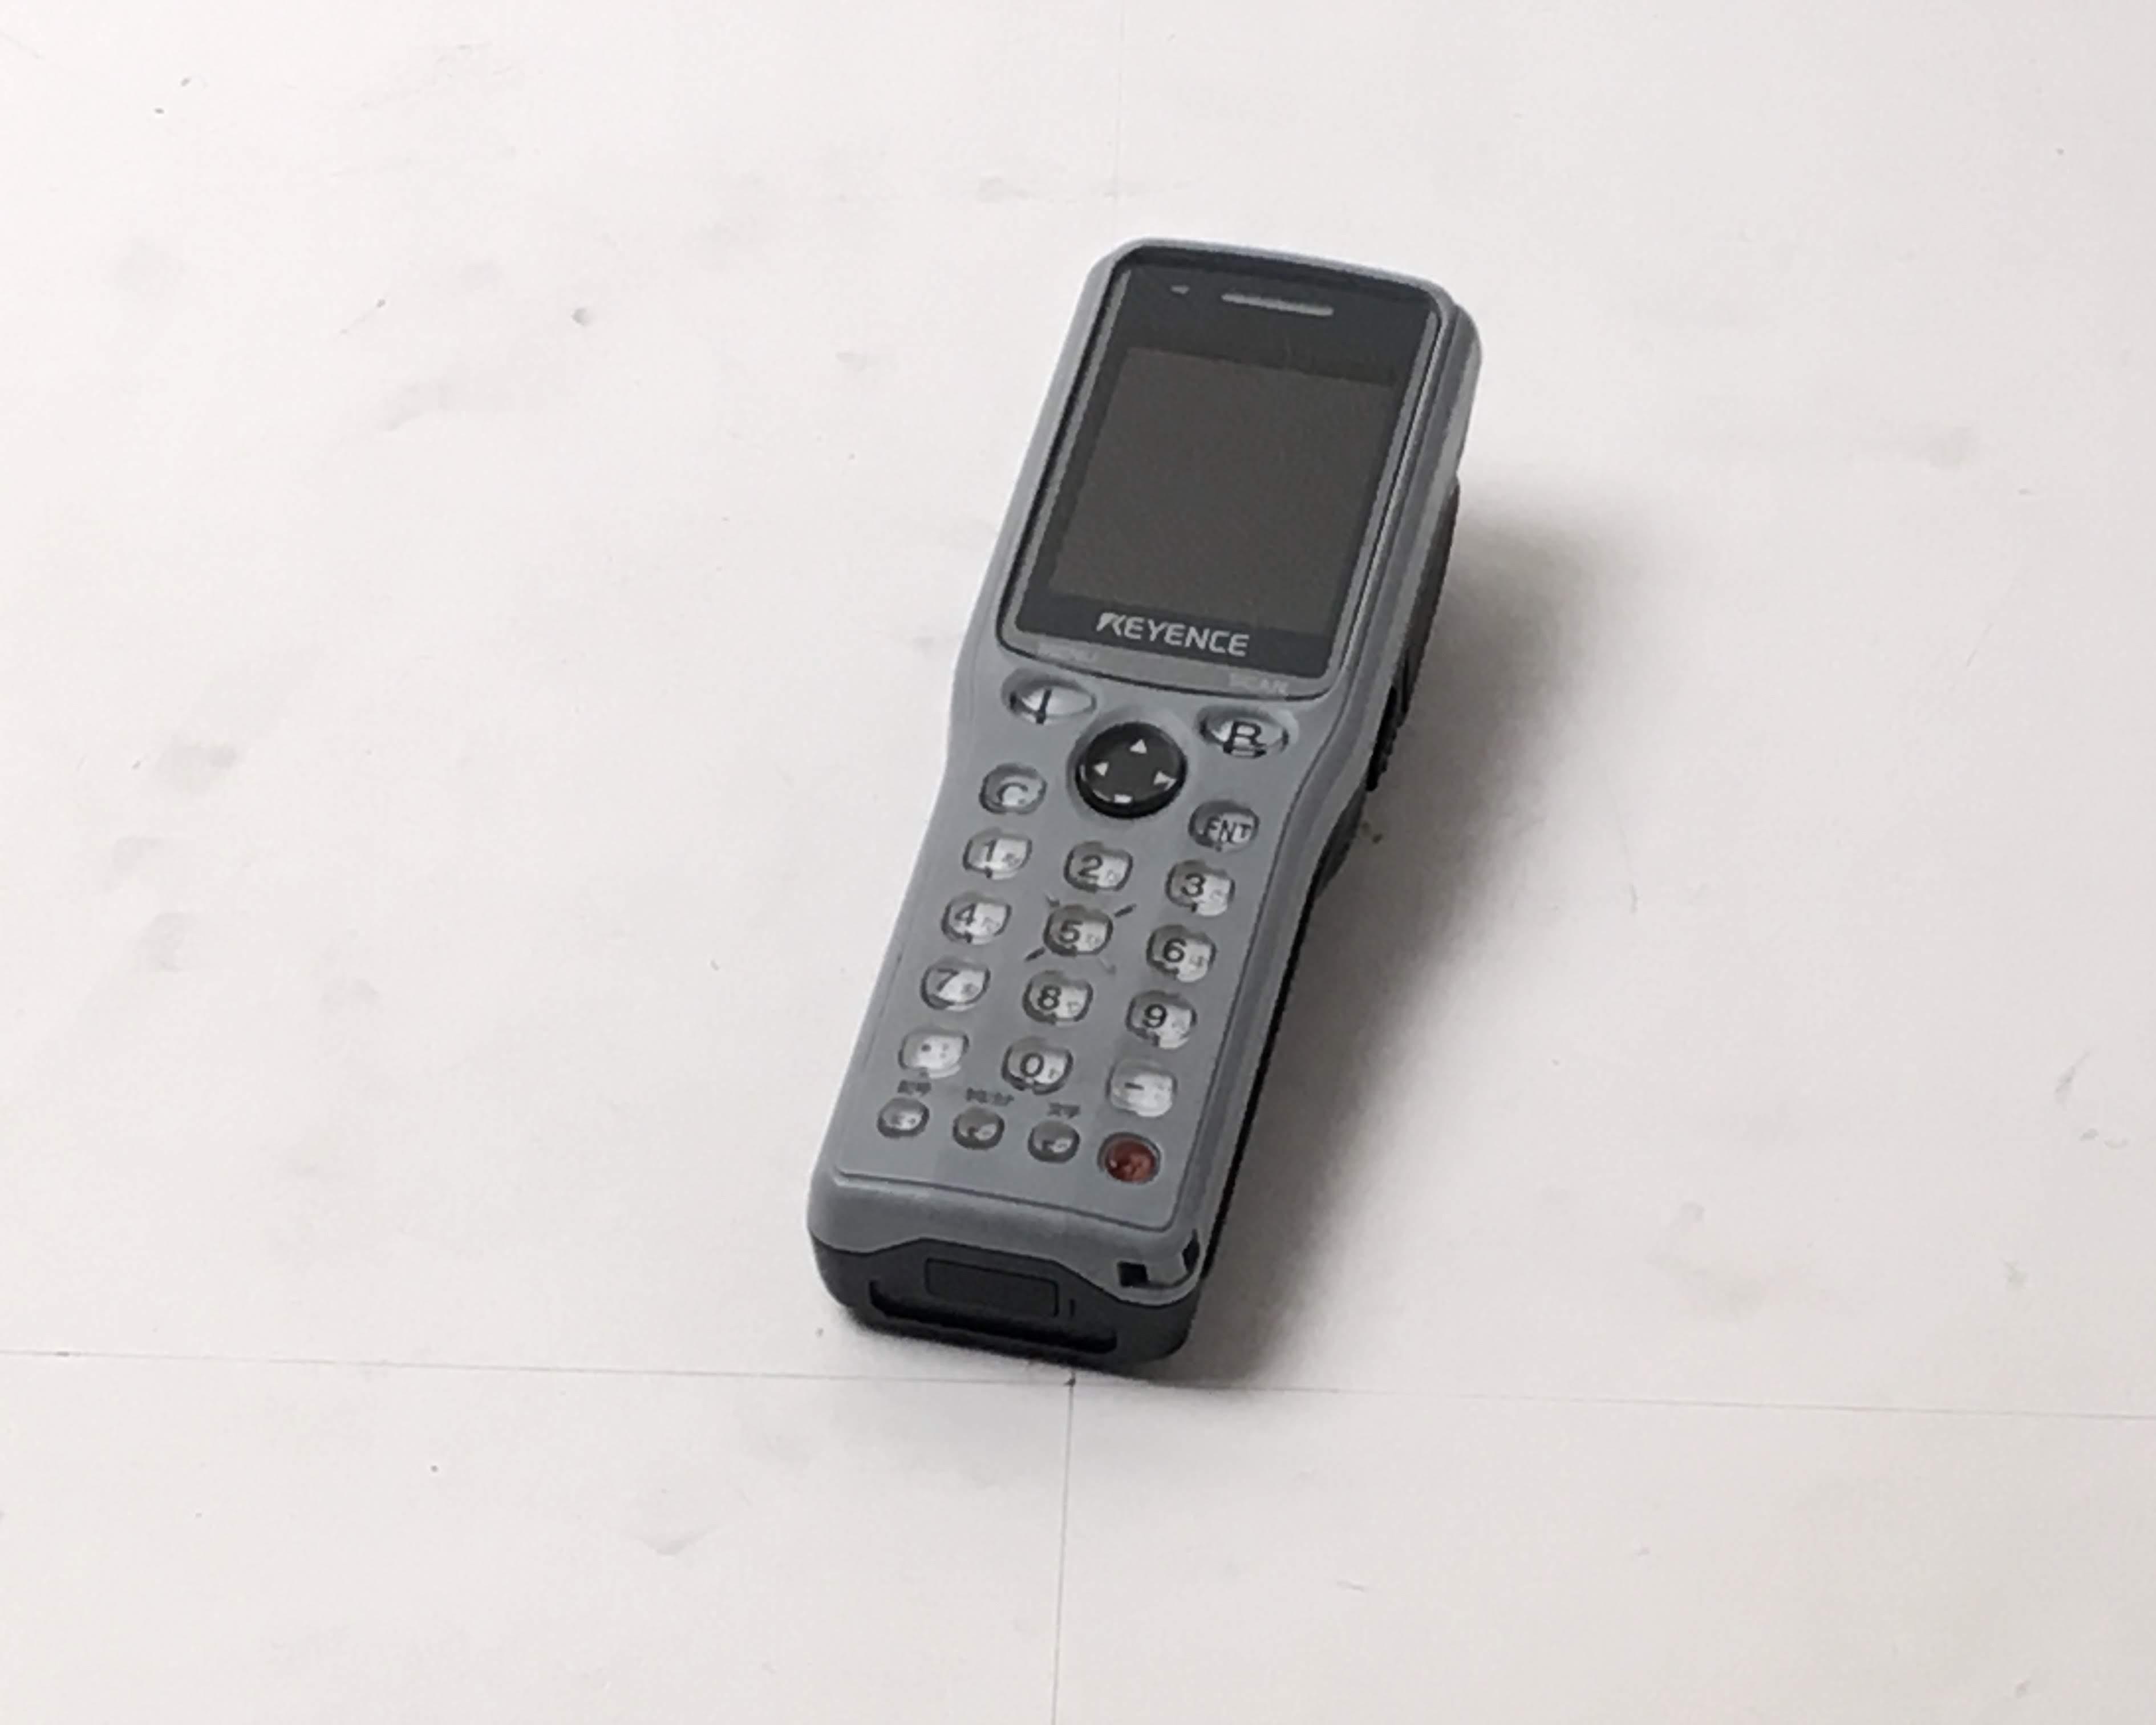 【中古】KEYENCE BT-1500W(通常タイプ) メイン画像